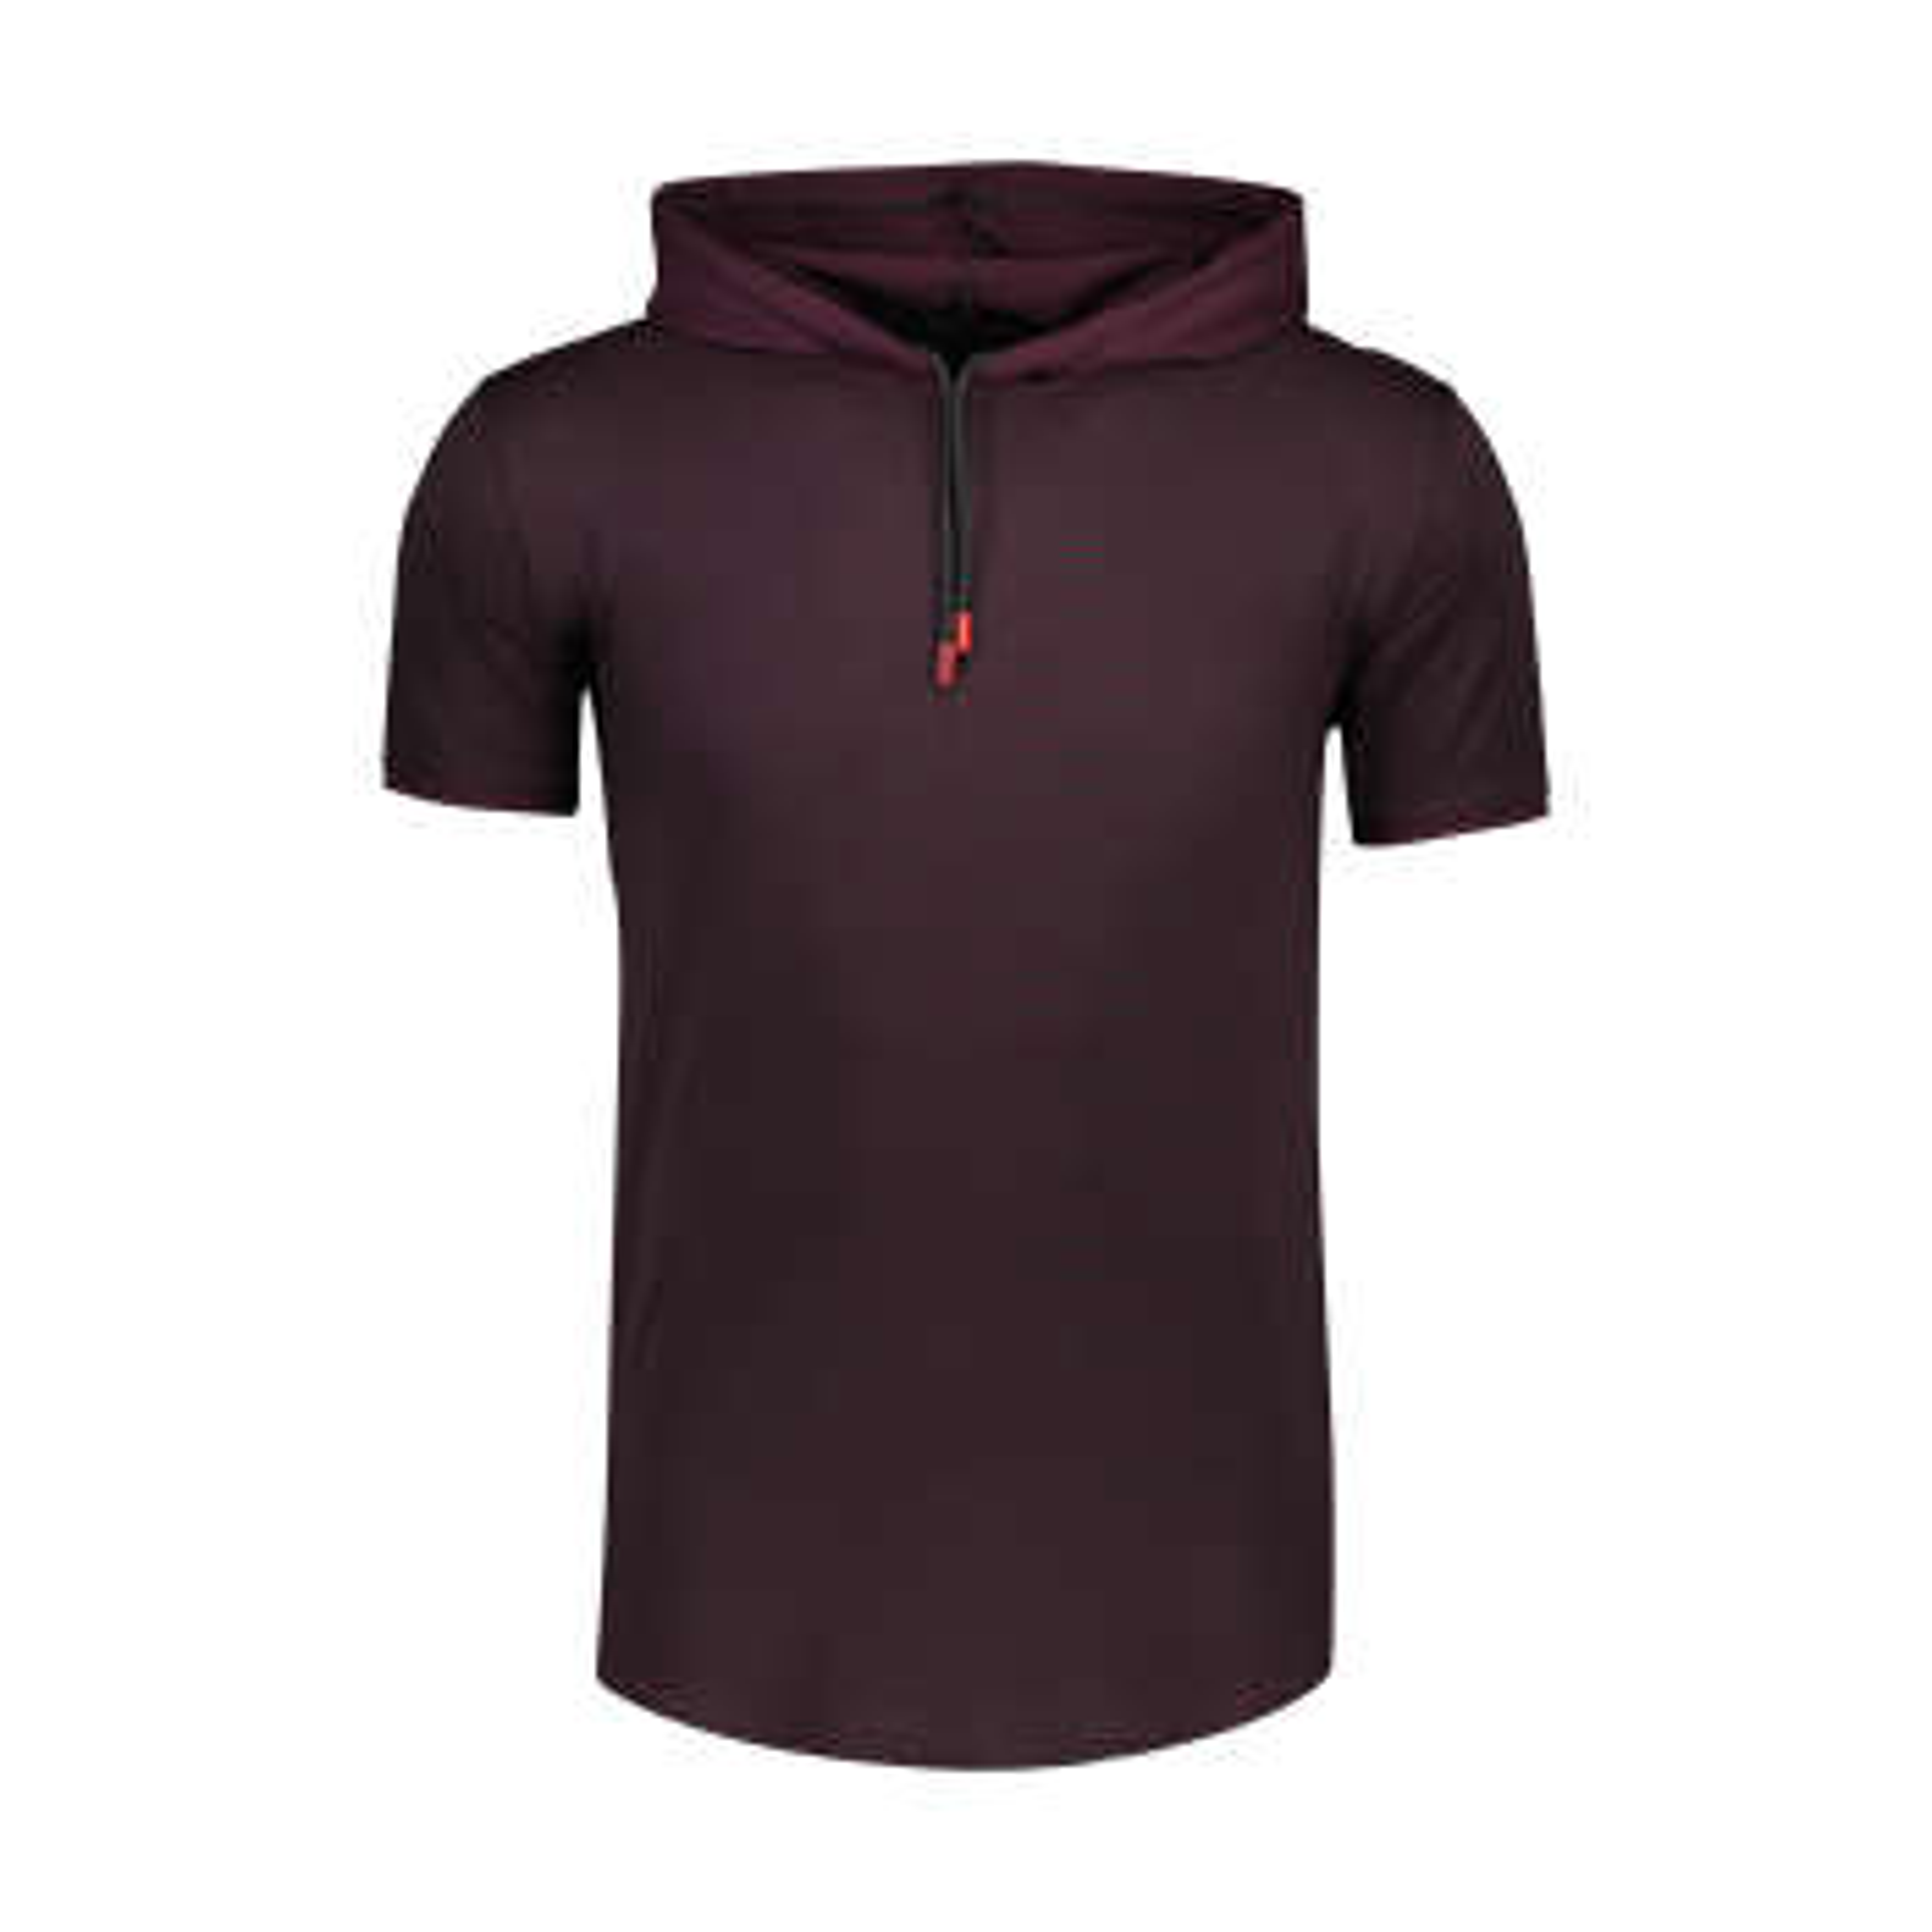 تی شرت کلاه دار مردانه بست بای کد 512-016